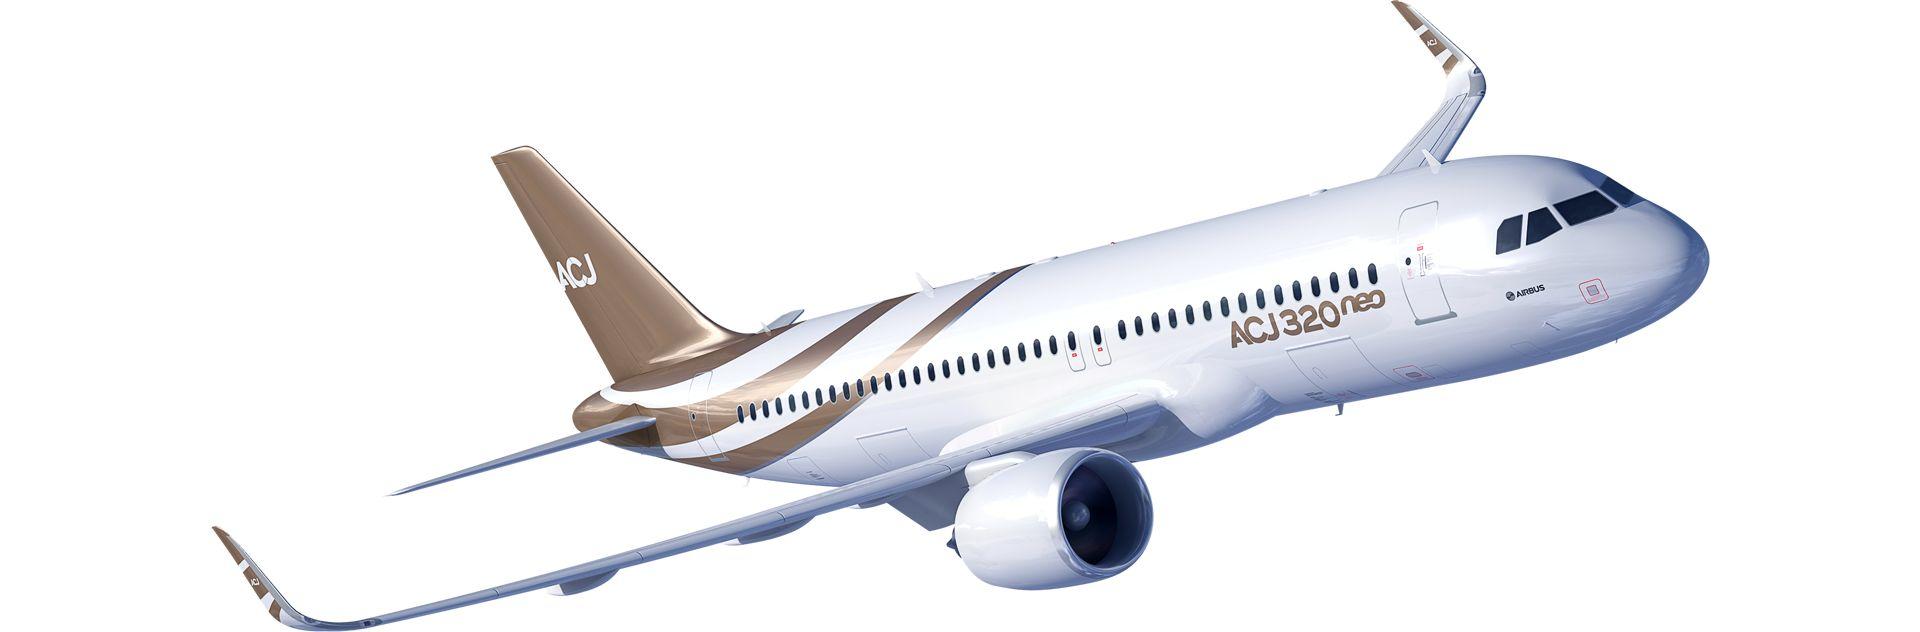 Resultado de imagen para Airbus ACJ320neo logo